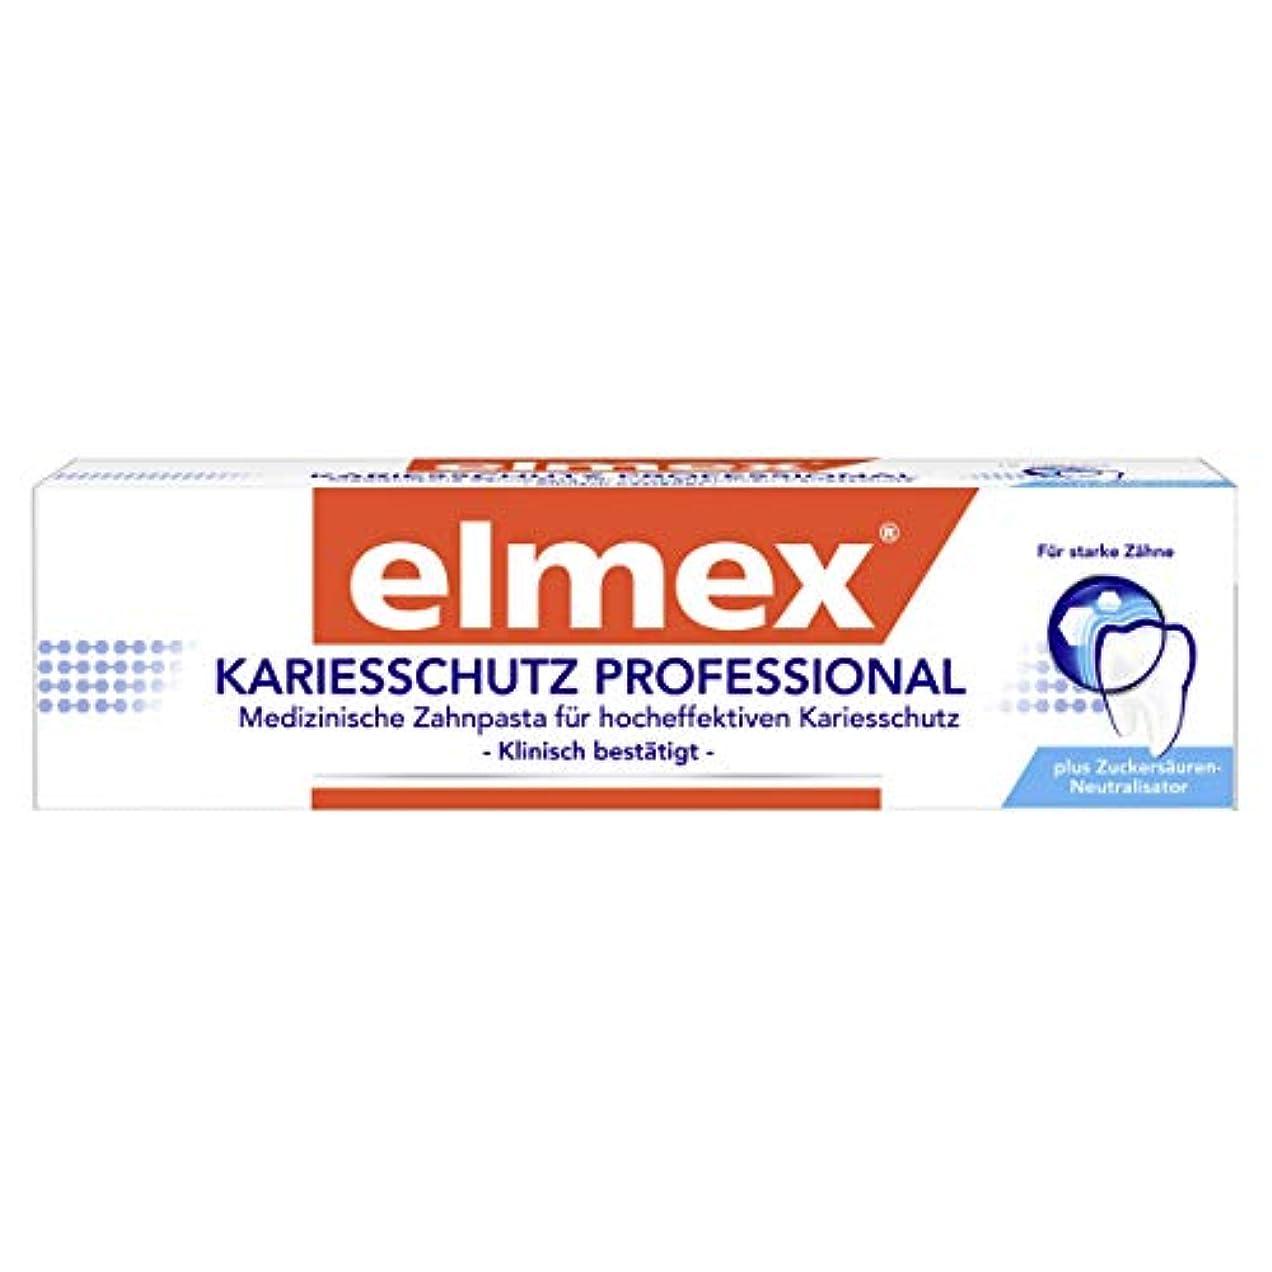 スカーフ三角形解説3本セット elmex エルメックス 虫歯予防 プロフェッショナル 歯磨き粉 75ml【並行輸入品】